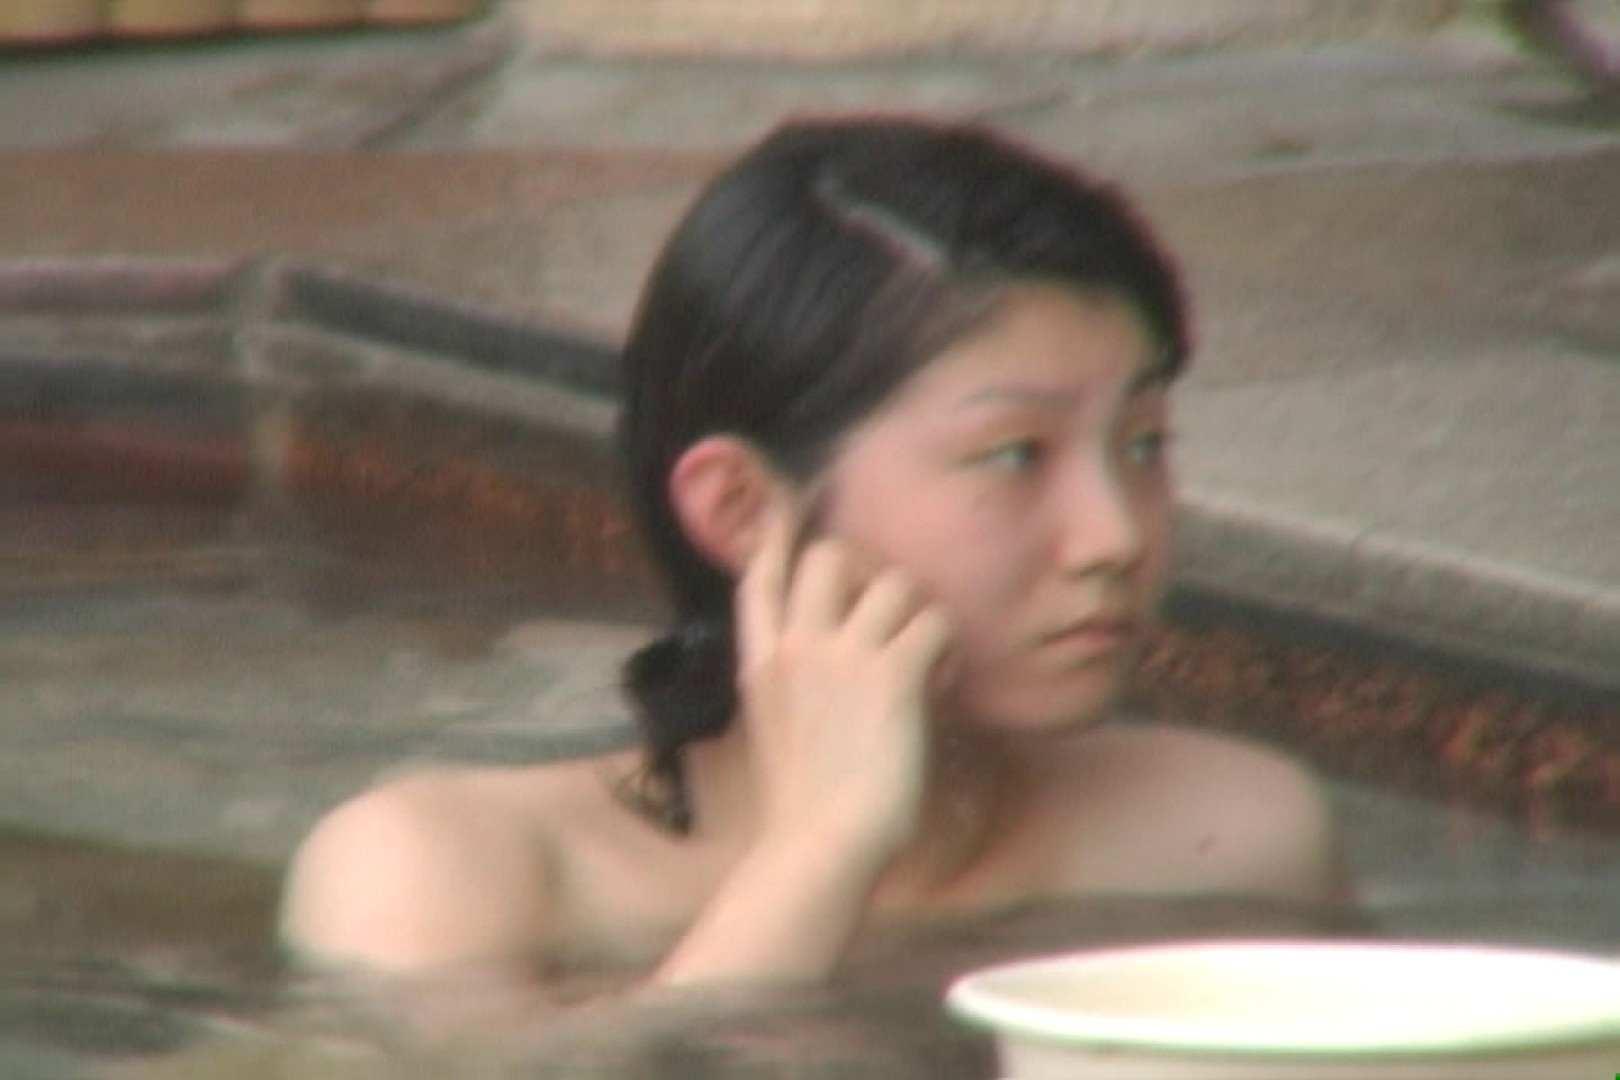 Aquaな露天風呂Vol.579 綺麗なOLたち | 盗撮  68枚 46